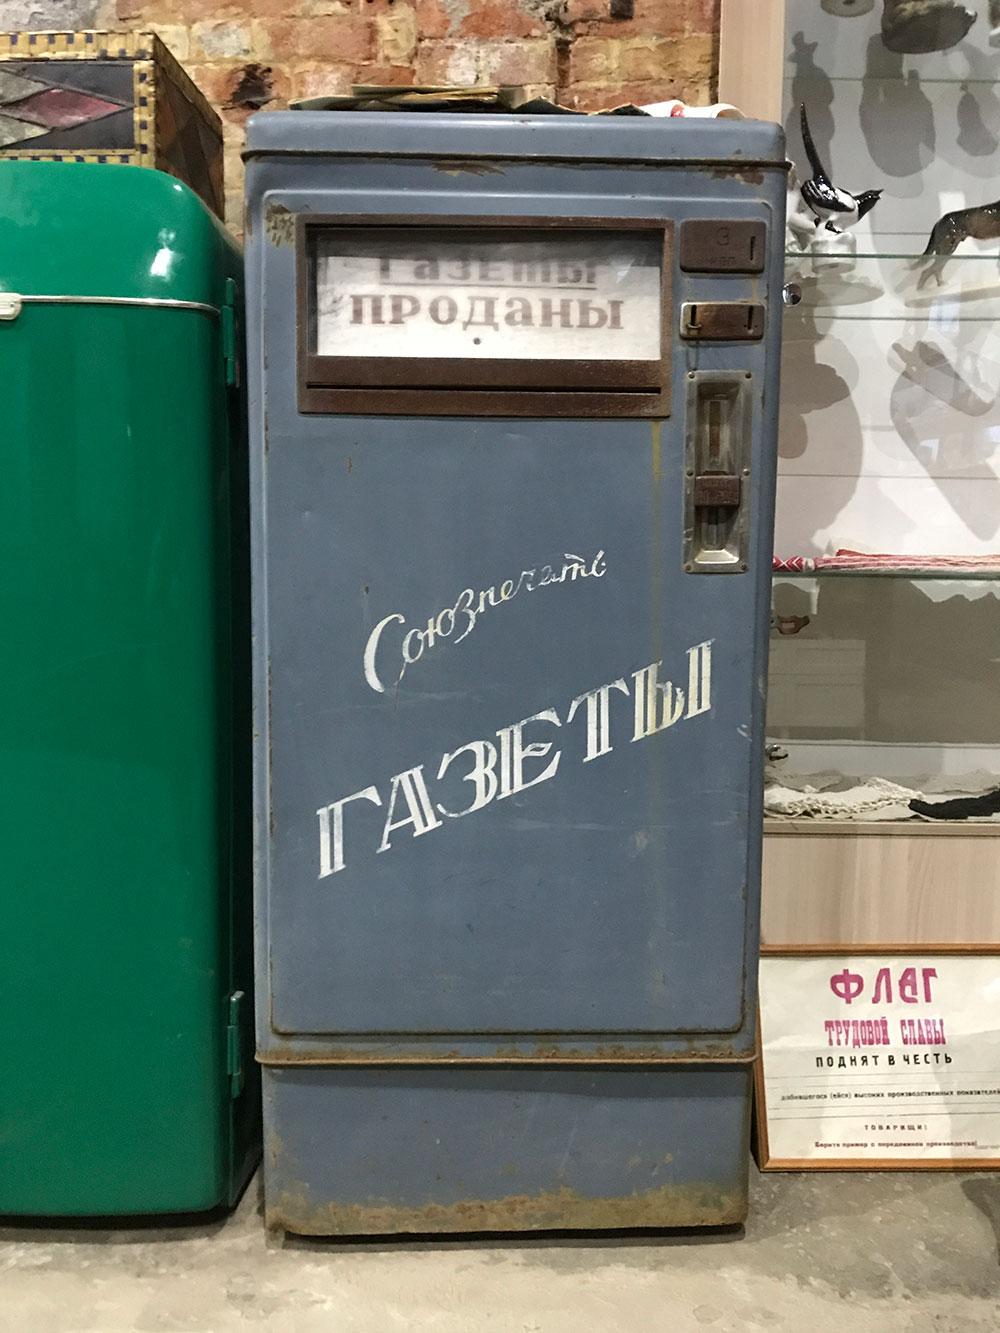 Можно купить советский автомат по продаже газет